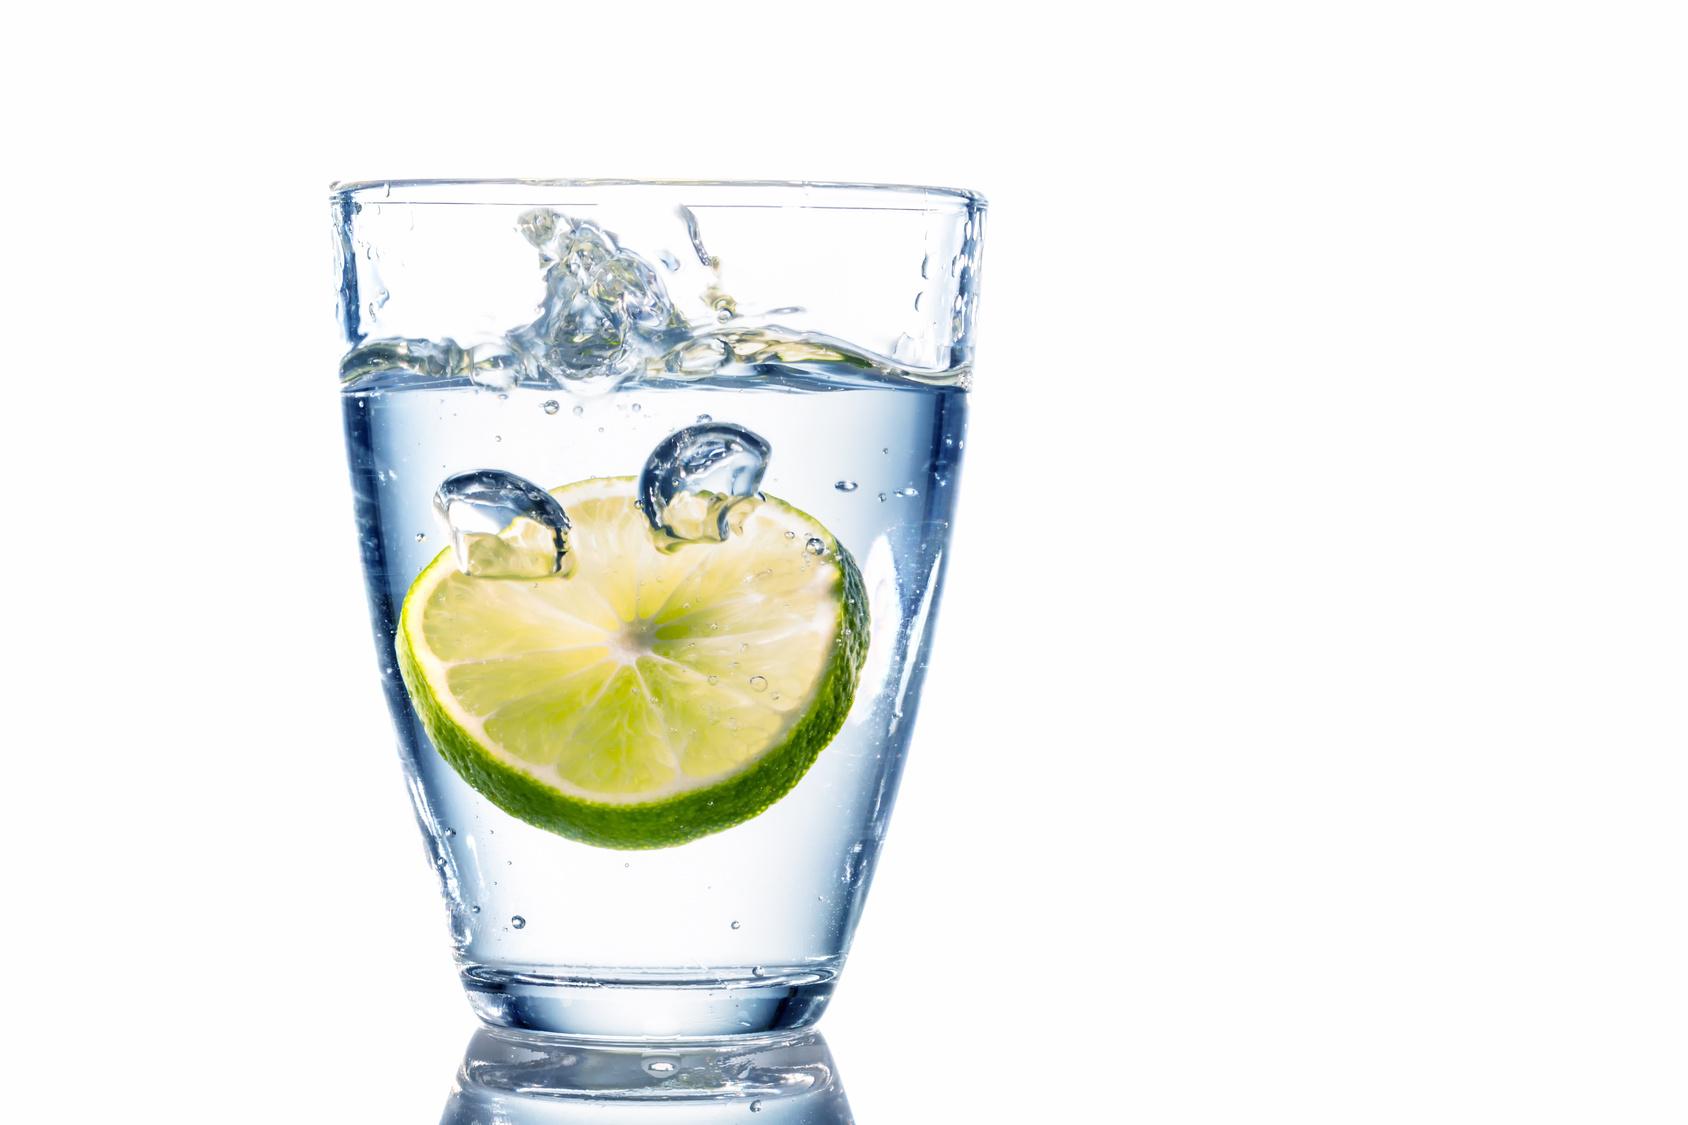 limon-suyu Limonun Faydaları Nelerdir ve Limon Diyeti Nasıl Yapılır?